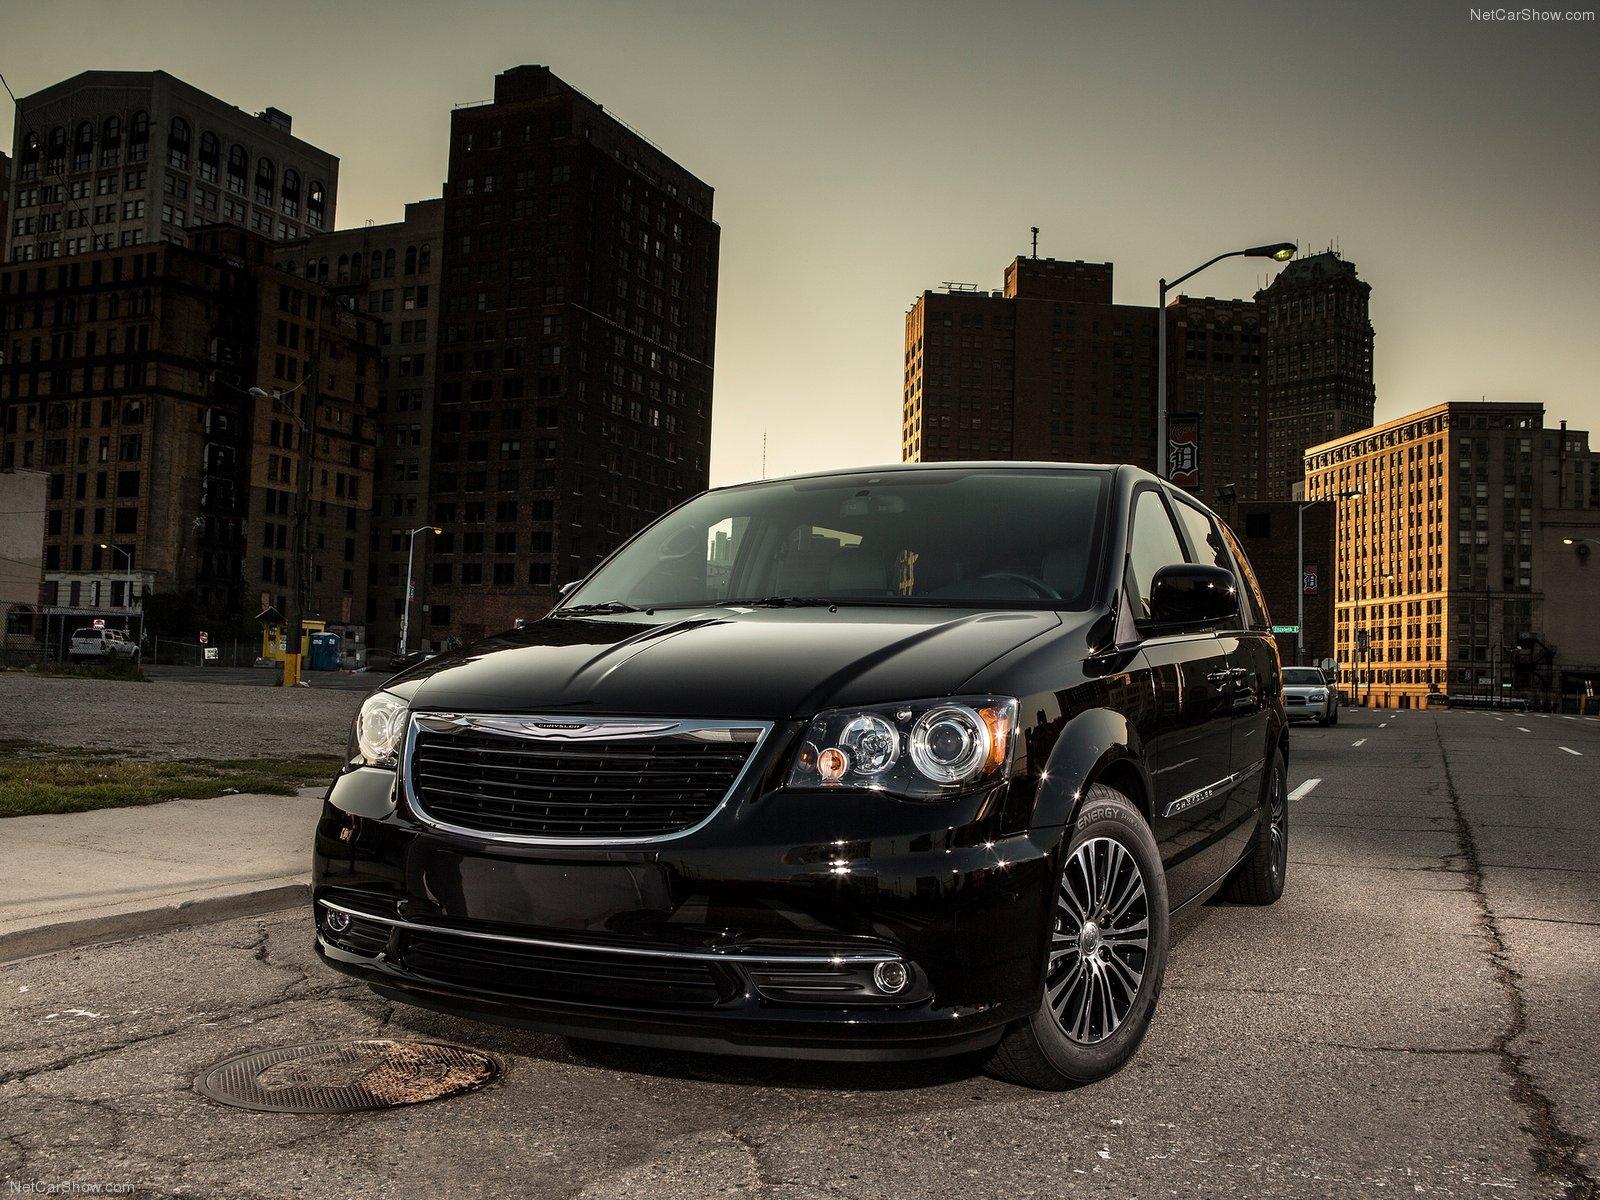 Hình ảnh xe ô tô Chrysler Town and Country S 2013 & nội ngoại thất